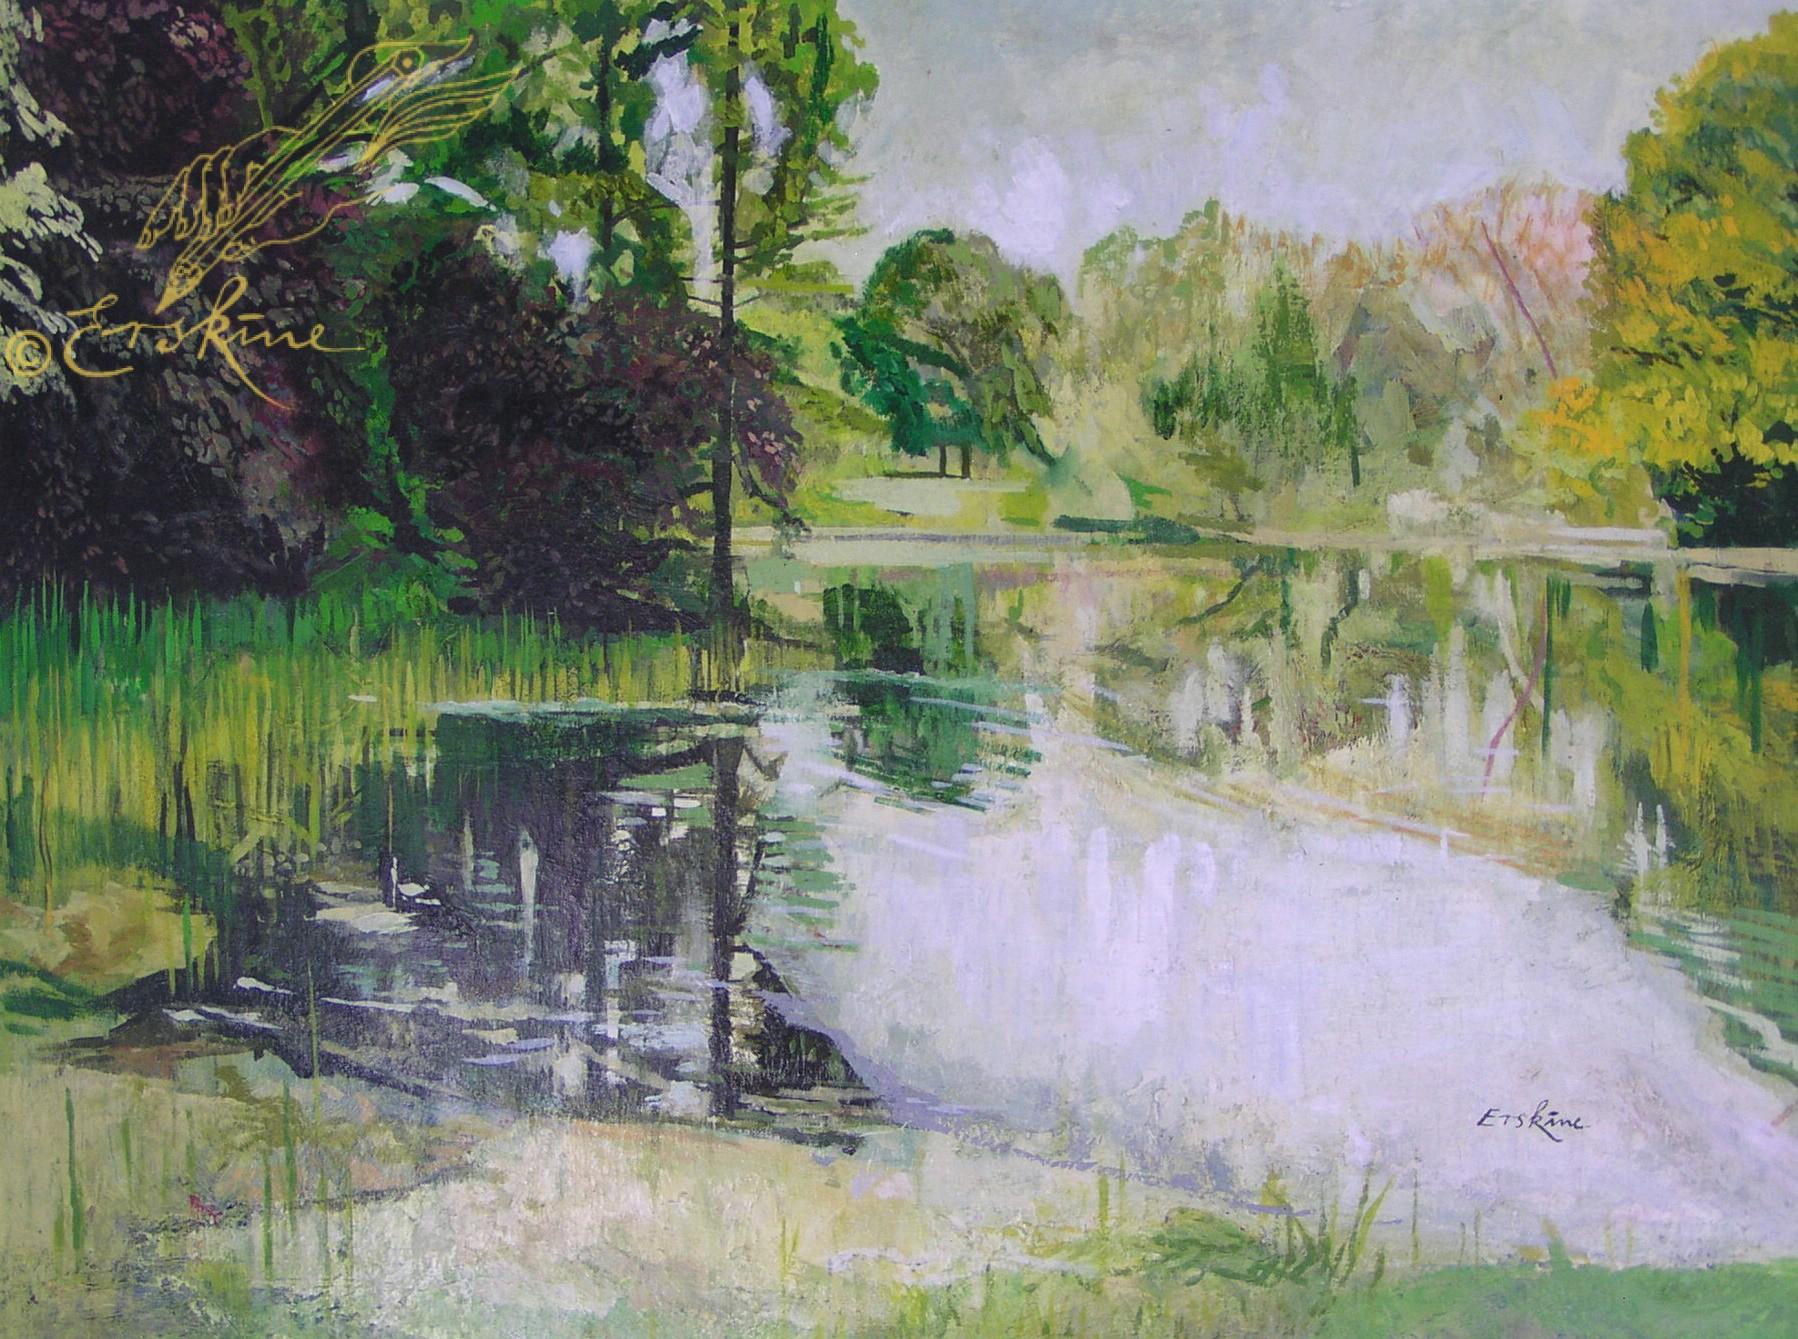 Lake at Kew Gardens. 1